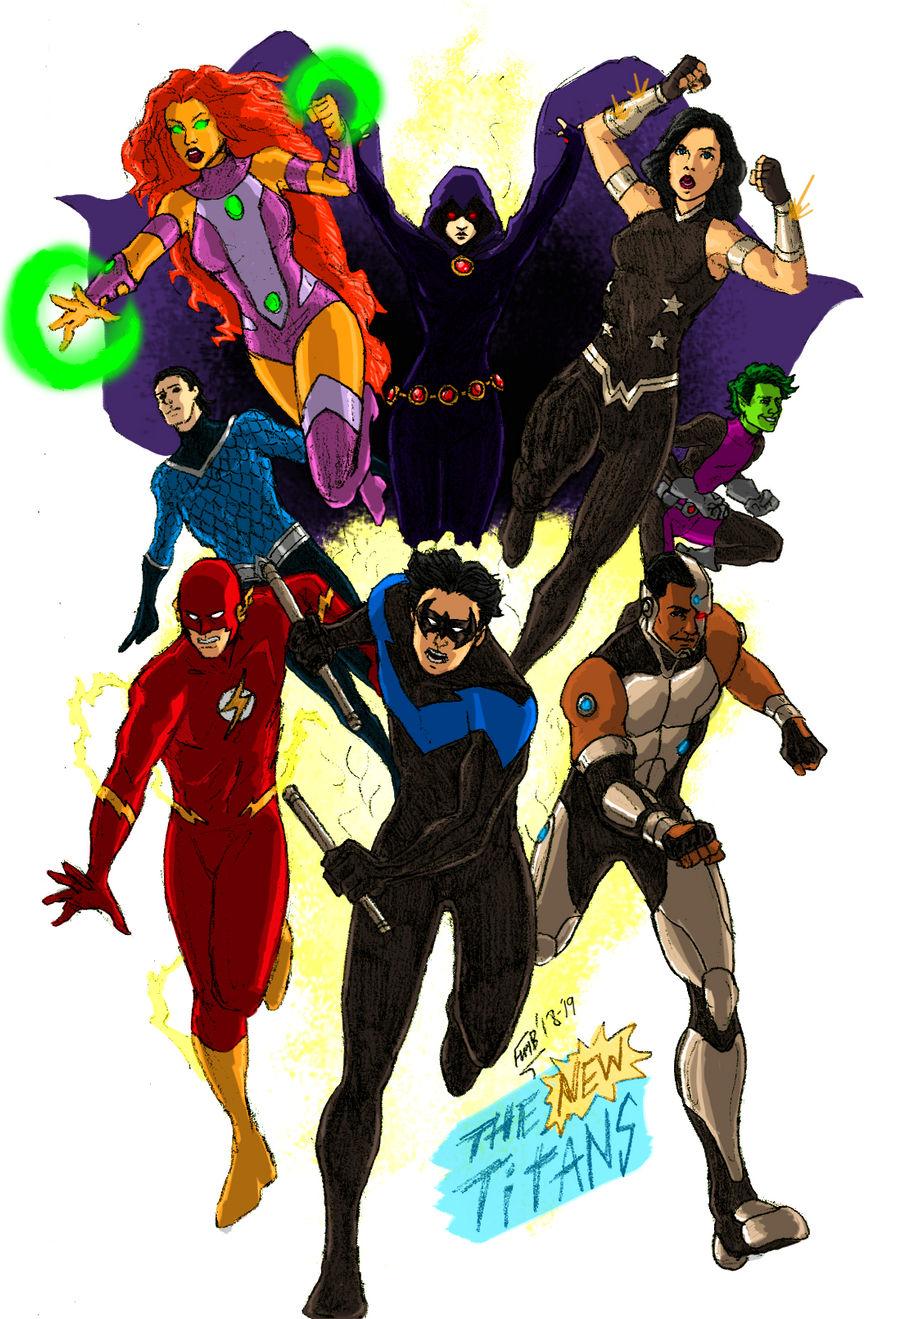 The New Titans